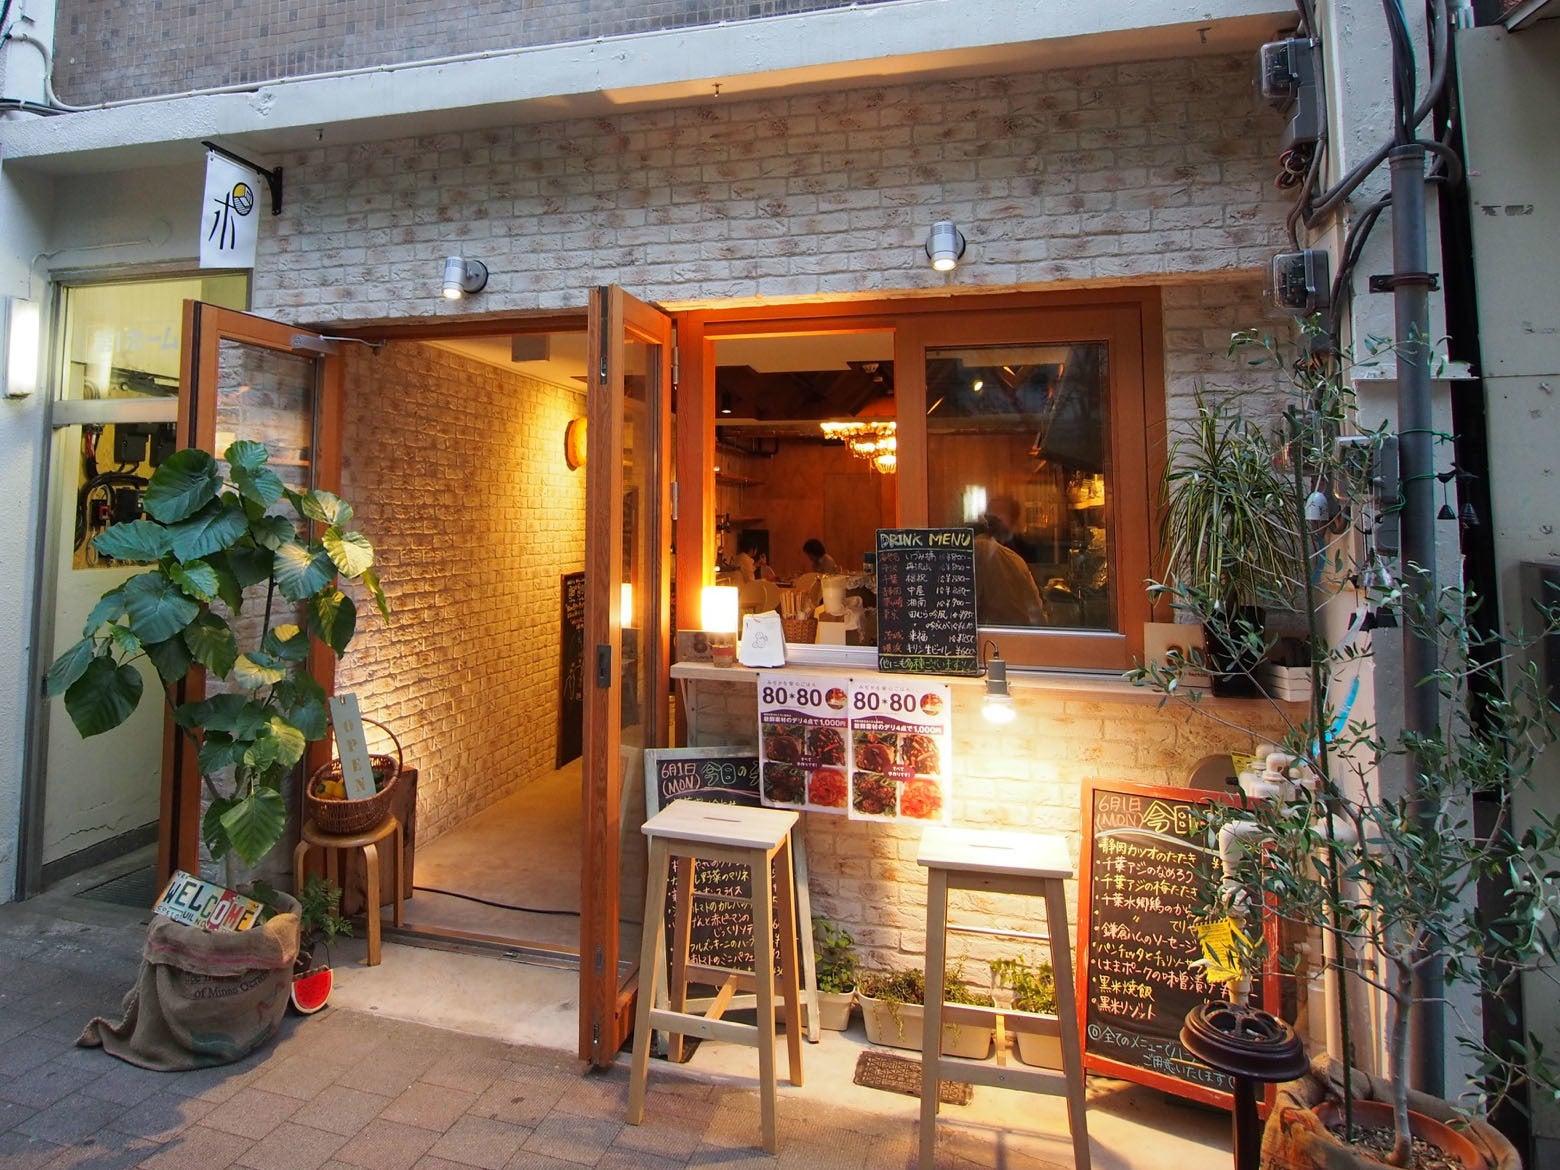 横浜・関内の路面店舗:シェアカフェ『泰生ポーチフロント』(横浜・関内の路面店舗:シェアカフェ『泰生ポーチフロント』) の写真0